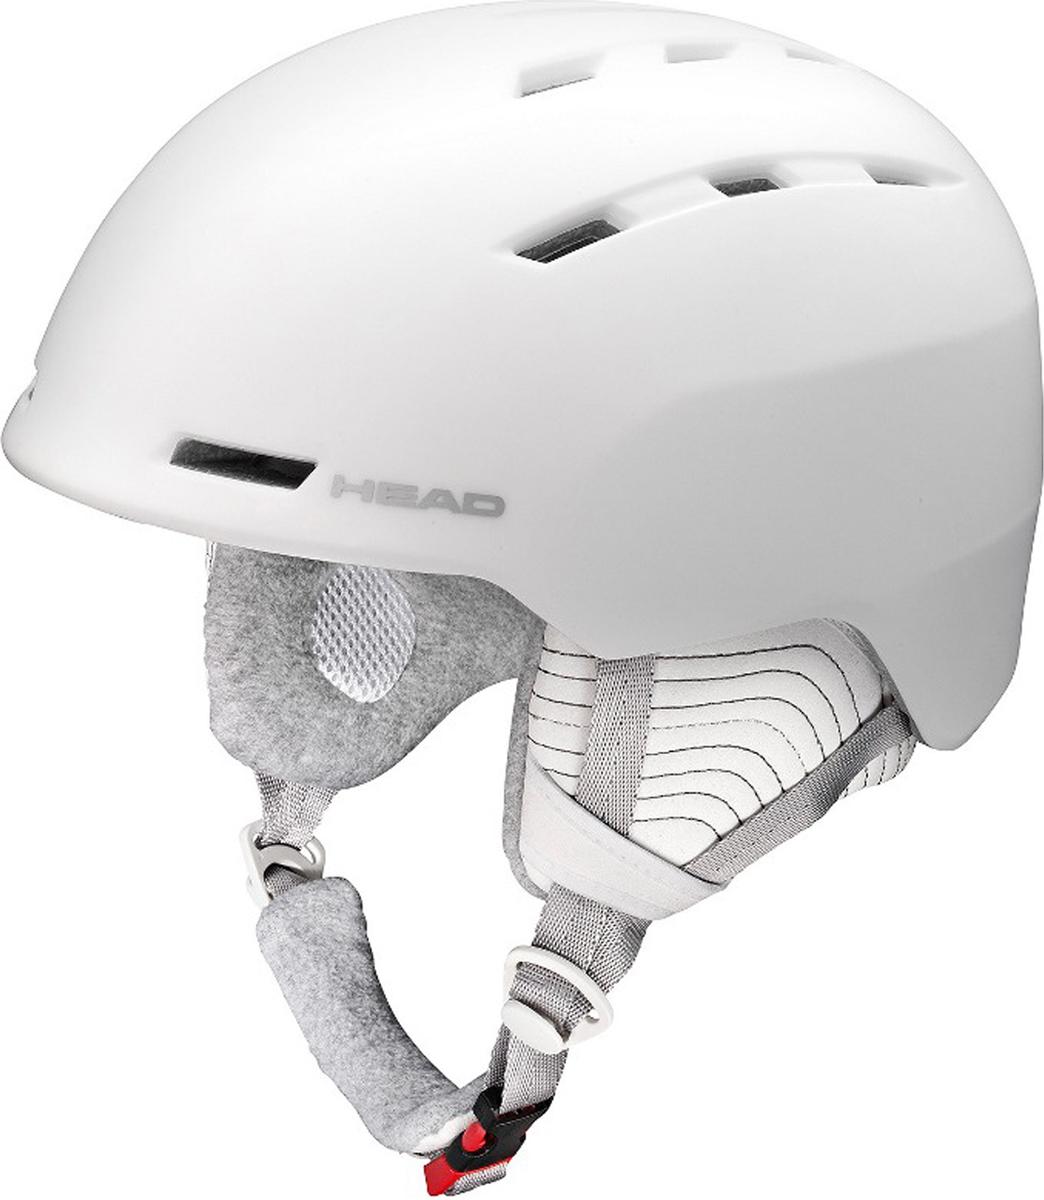 Шлем горнолыжный/сноубордический женский Head Valery. Размер XS/S (52-55)325607 (XS/S)Шлем Valery - бестселлер в женской коллекции HEAD. Его отличительнаяособенность - экстремально малый вес и супер удобная посадка на голове.Построена по уже известной технологии горячей прессовки, имеет отличнуювентиляцию по периметру и вентиляцию маски.Особенности:- Облегченный ABS,- Вентиляция Thermal,- Вентиляция маски,- Подкладка из микрофлиса,- Регулировка размера HEAD 3D Fit,- Эргономический воротник с регулировкой положения на шлеме,- Сертификат CE EN 1077:2007 Class B,- Вес: m/l 420 г.